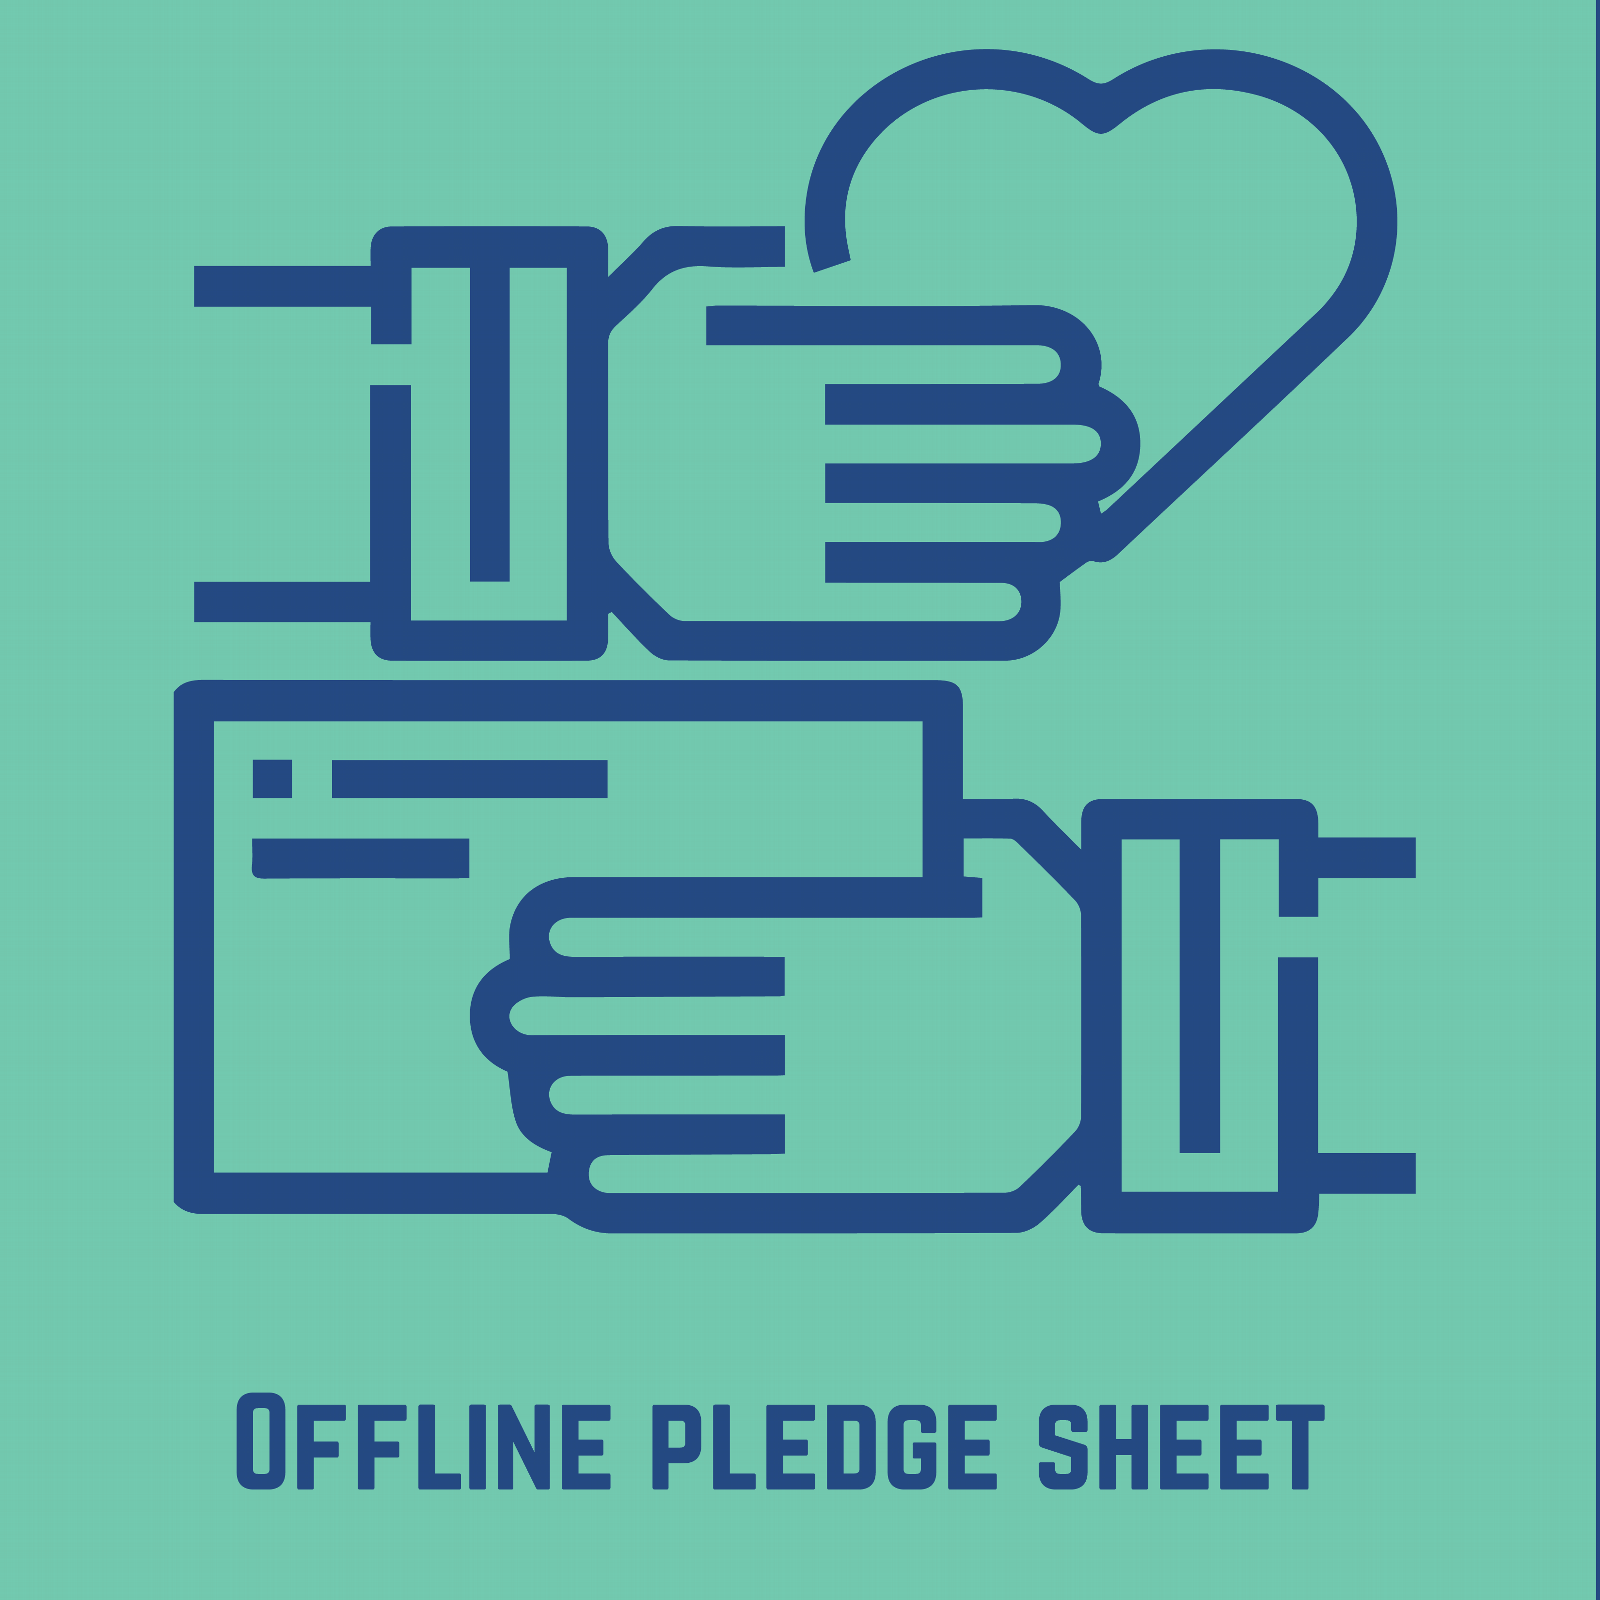 Offline Pledge Sheet